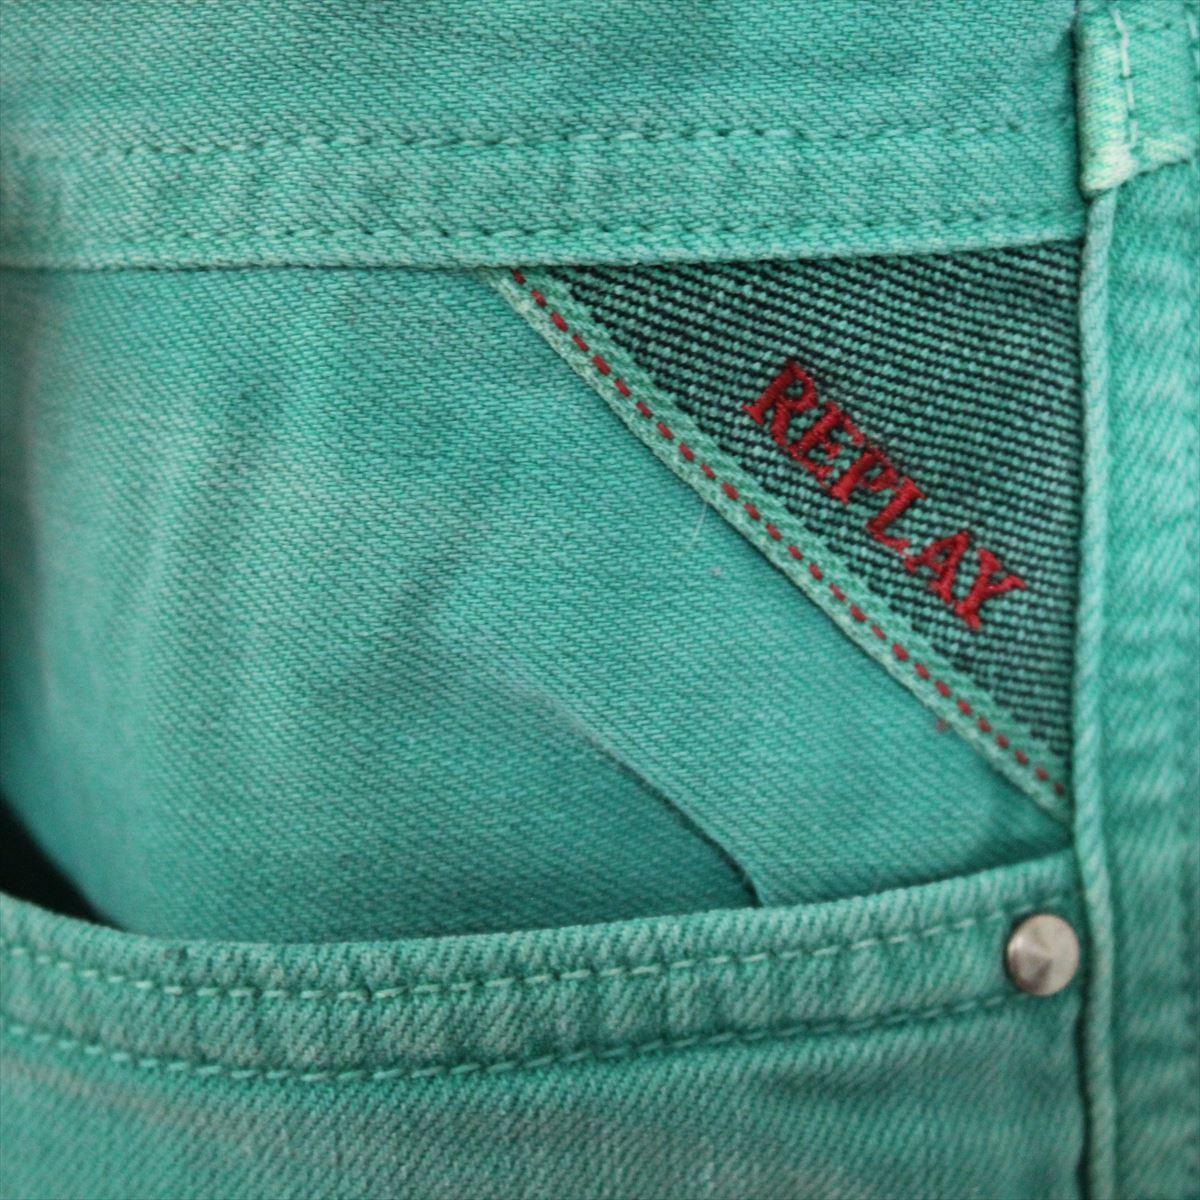 リプレイ REPLAY メンズカラーパンツ ジーンズ デニムパンツ SLIM グリーン 31インチ 新品 REPLAY BLUE JEANS anbass slim jeans_画像3